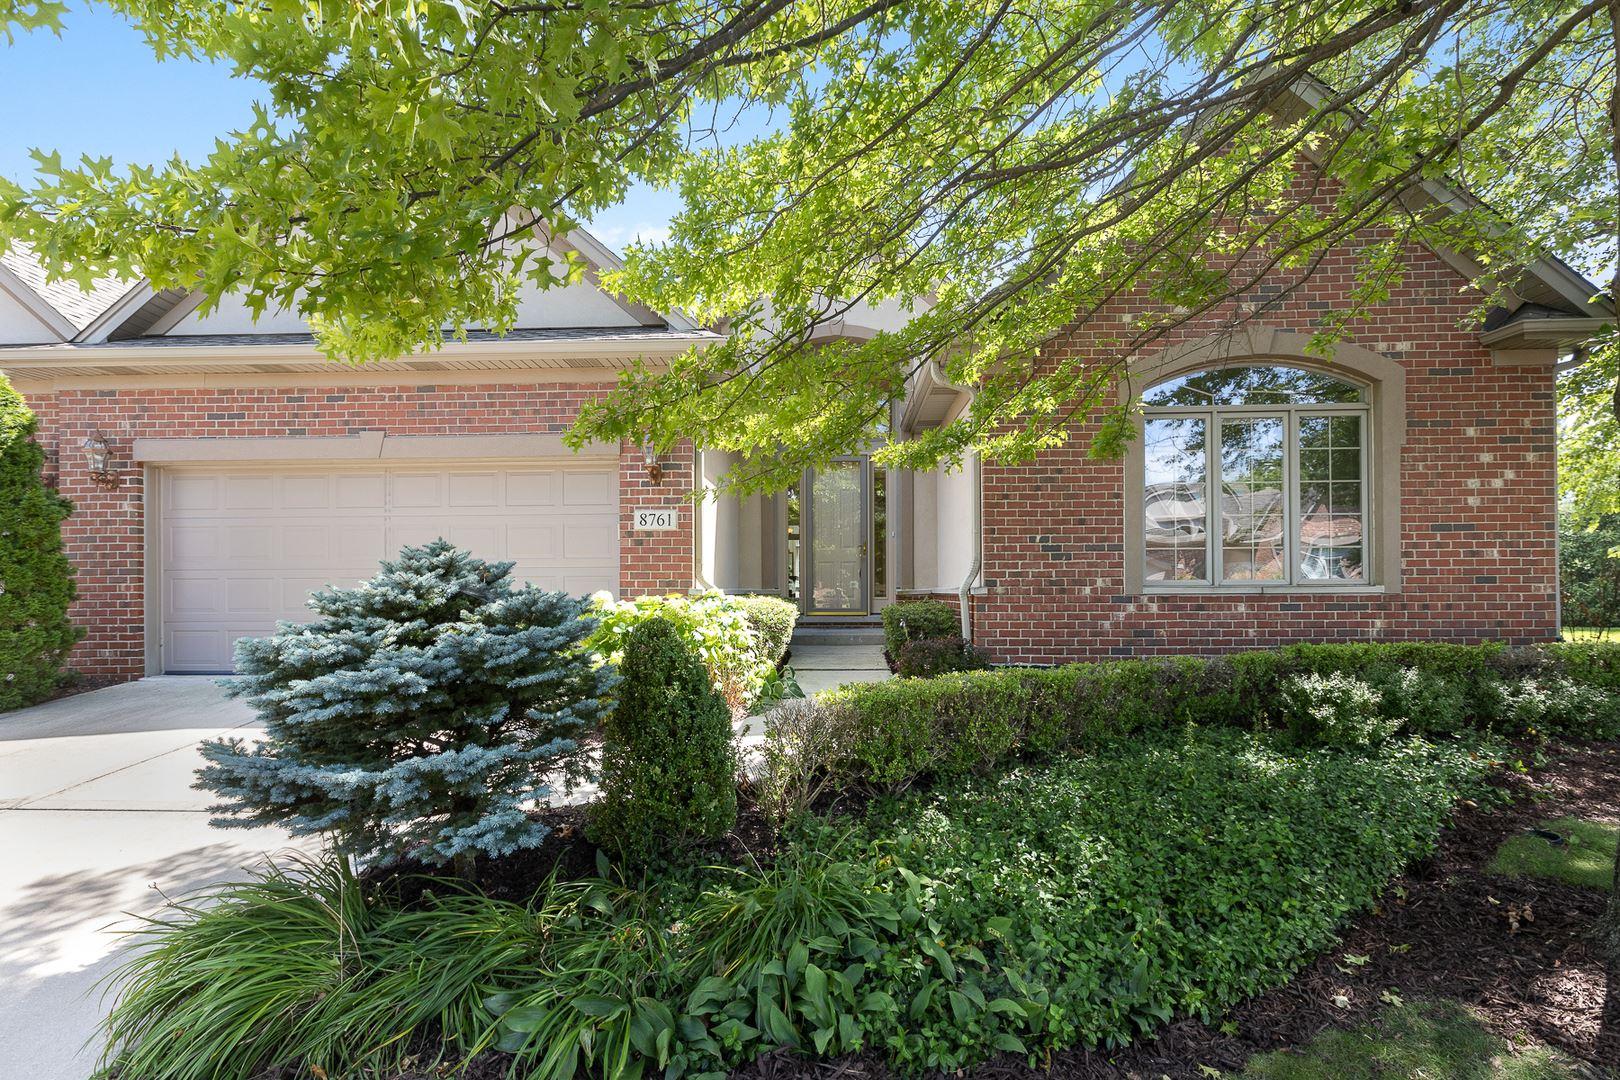 8761 BERKLEY Court, Orland Park, IL 60462 - #: 10801498